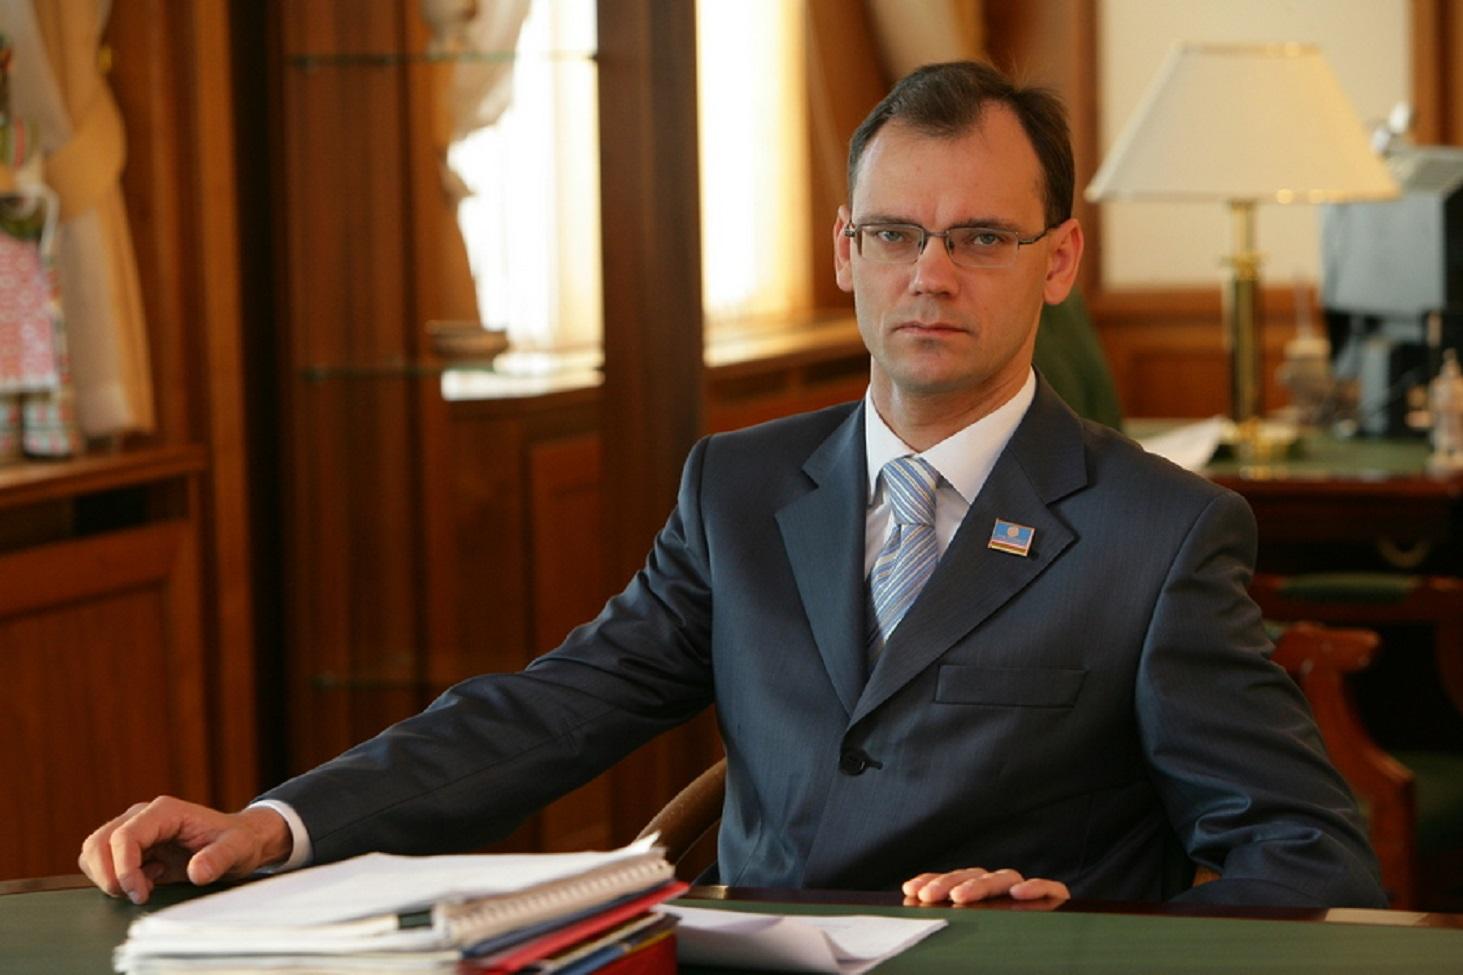 mishustin-osvobodil-ot-dolzhnosti-pervogo-zamestitelya-ministra-prosveshheniya-dmitriya-glushko